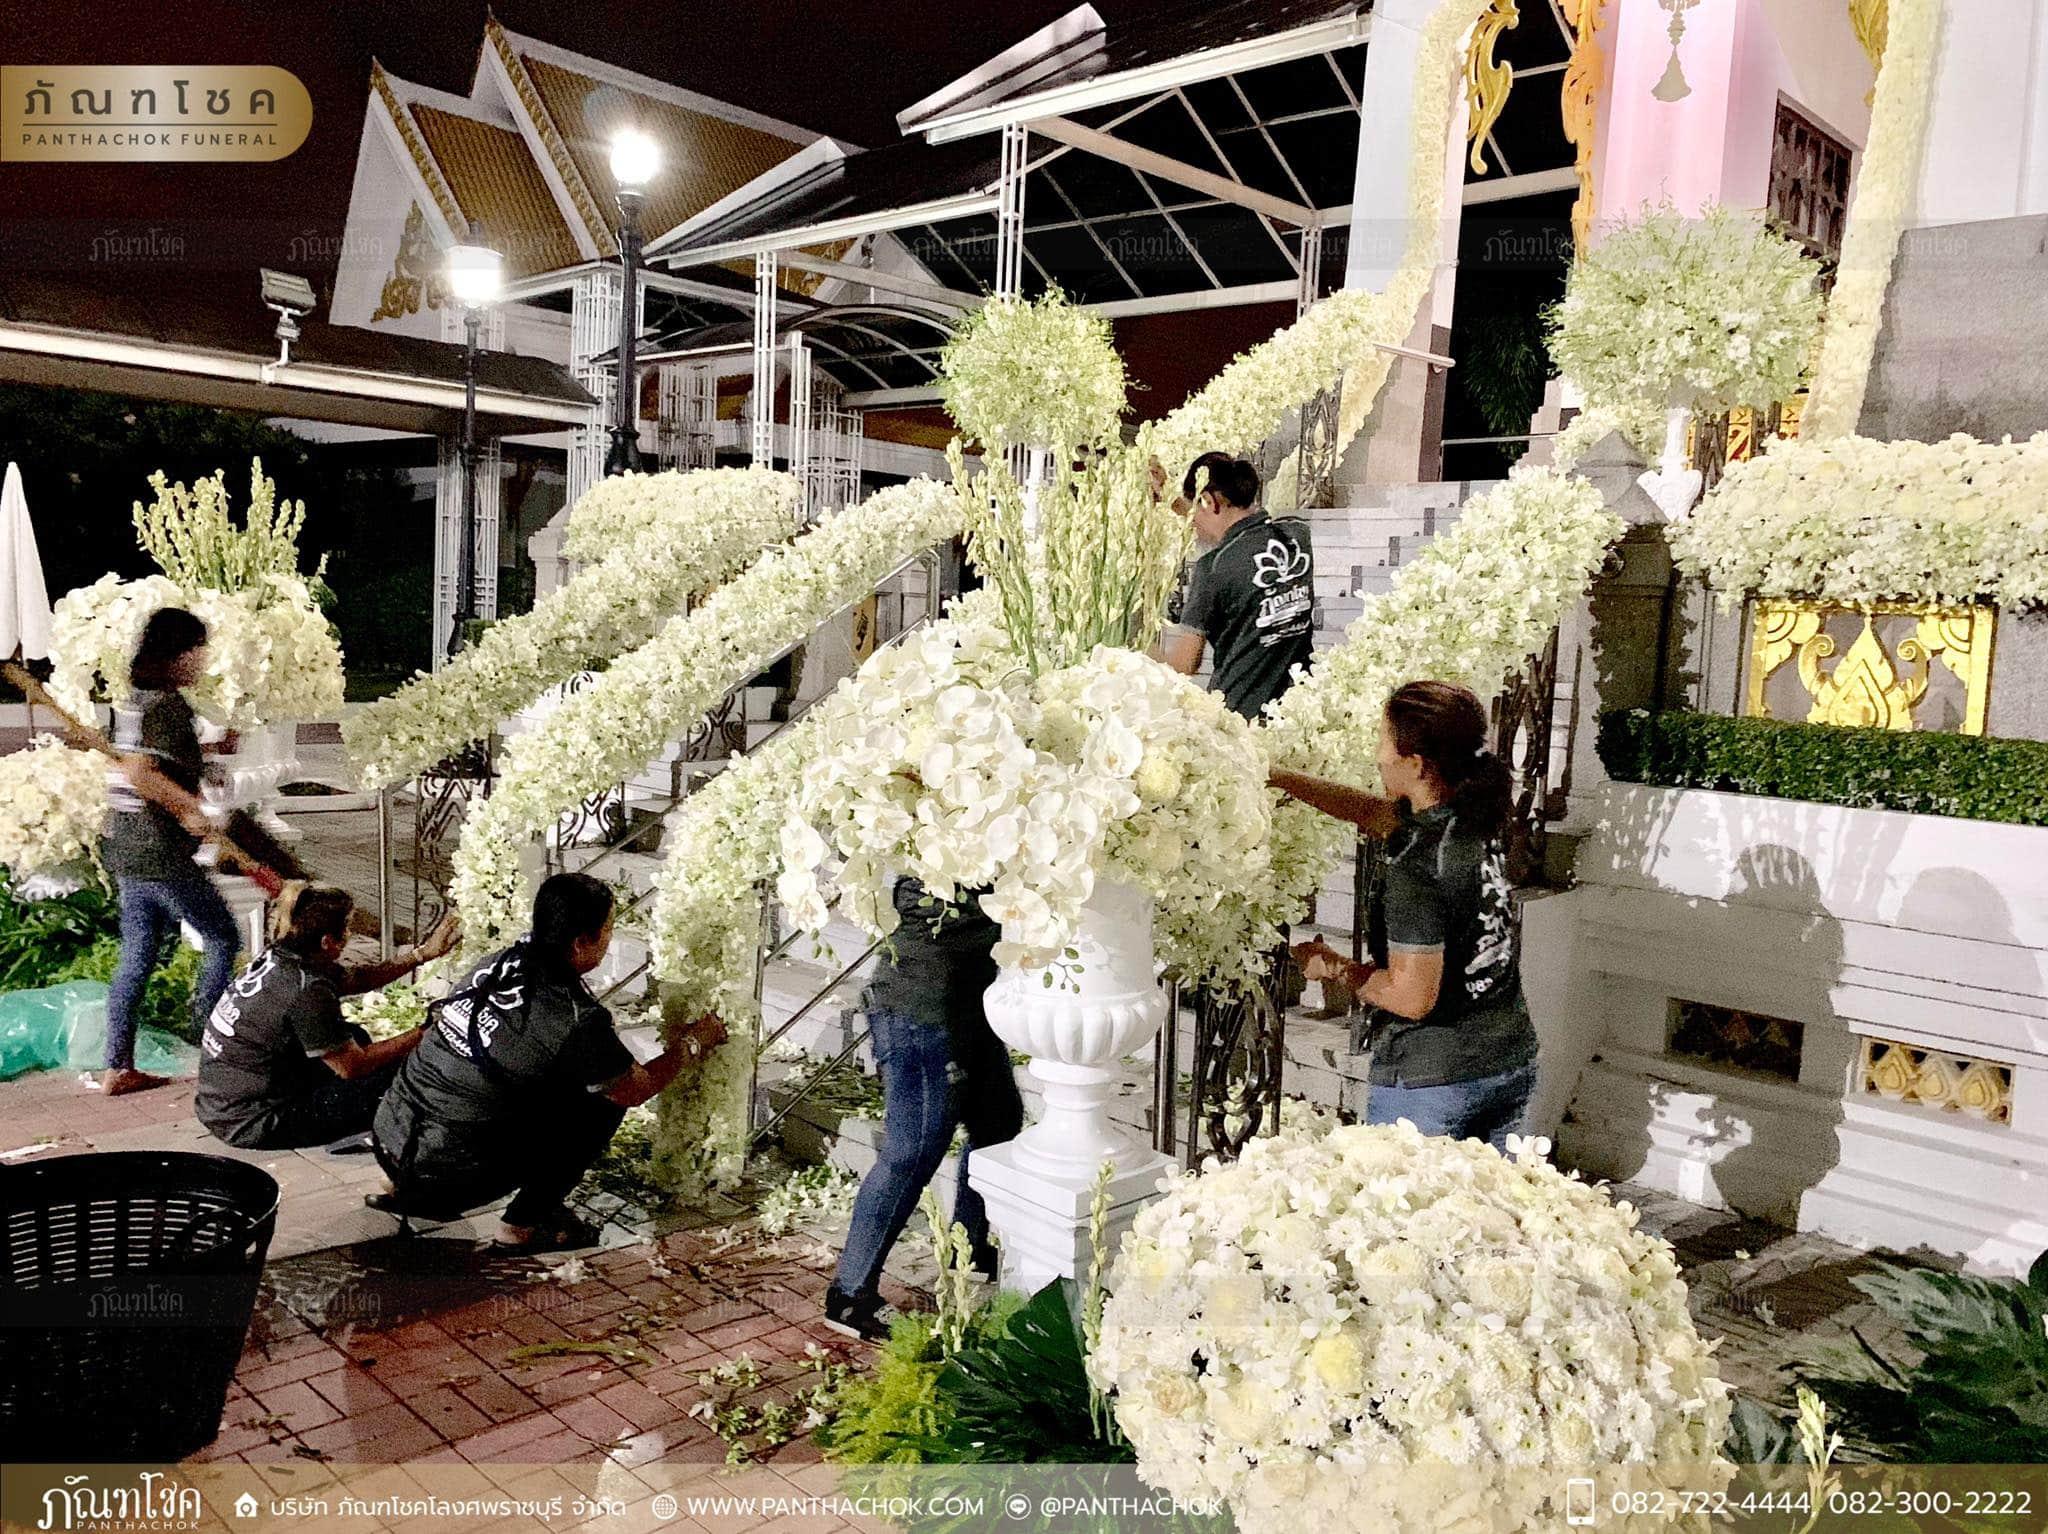 ดอกไม้ตกแต่งเมรุ วัดพระศรีมหาธาตุวรมหาวิหาร 1